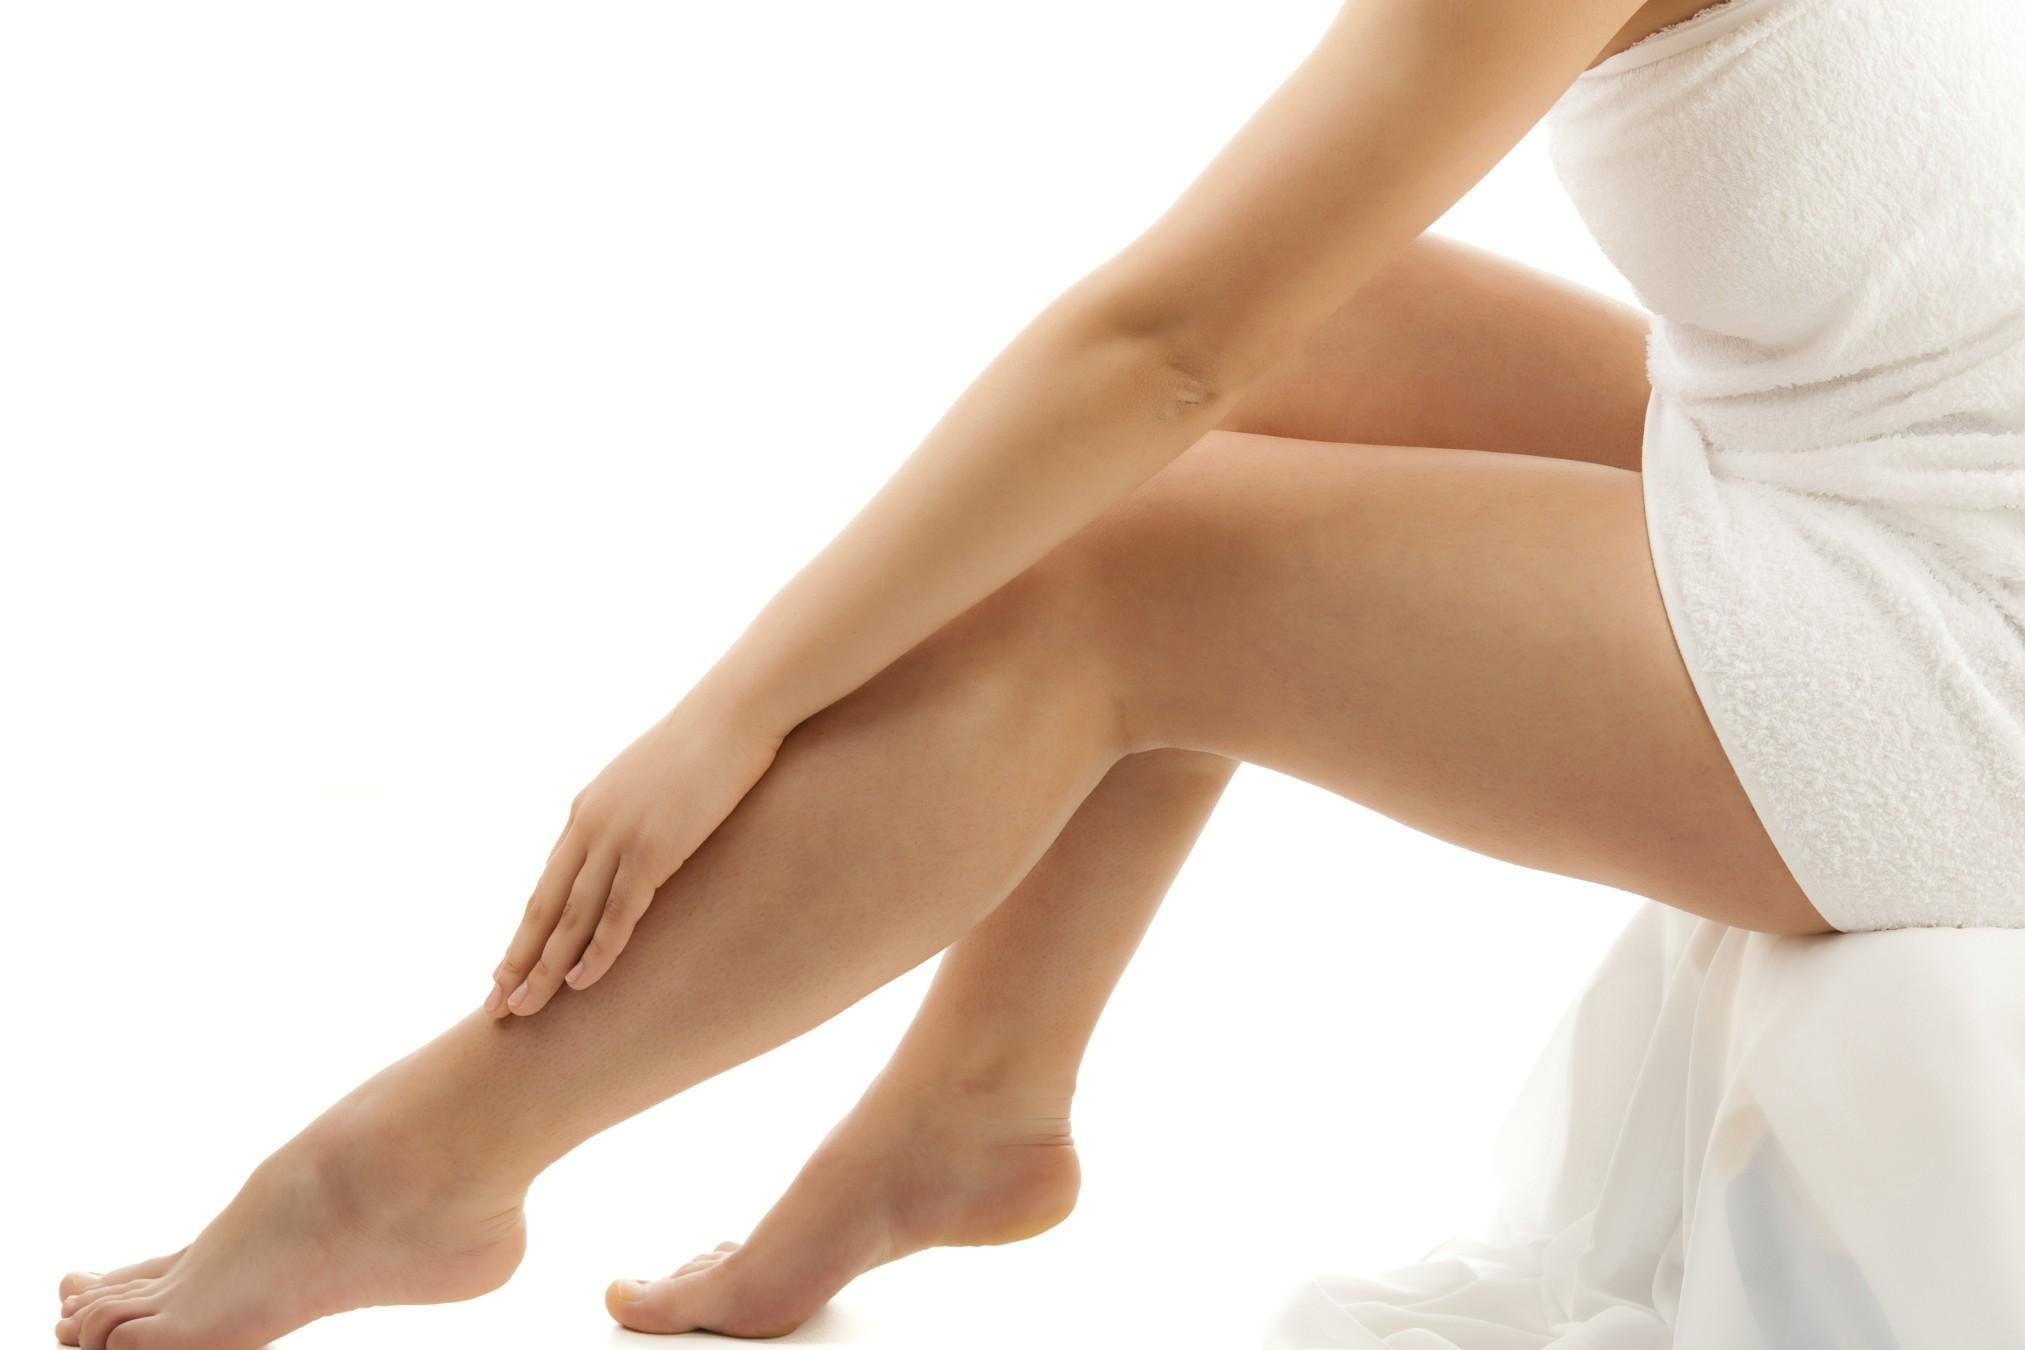 come-fare-un-massaggio-alle-gambe-affaticate_b450b216ab3c24a7e7dd4f0da92745ad